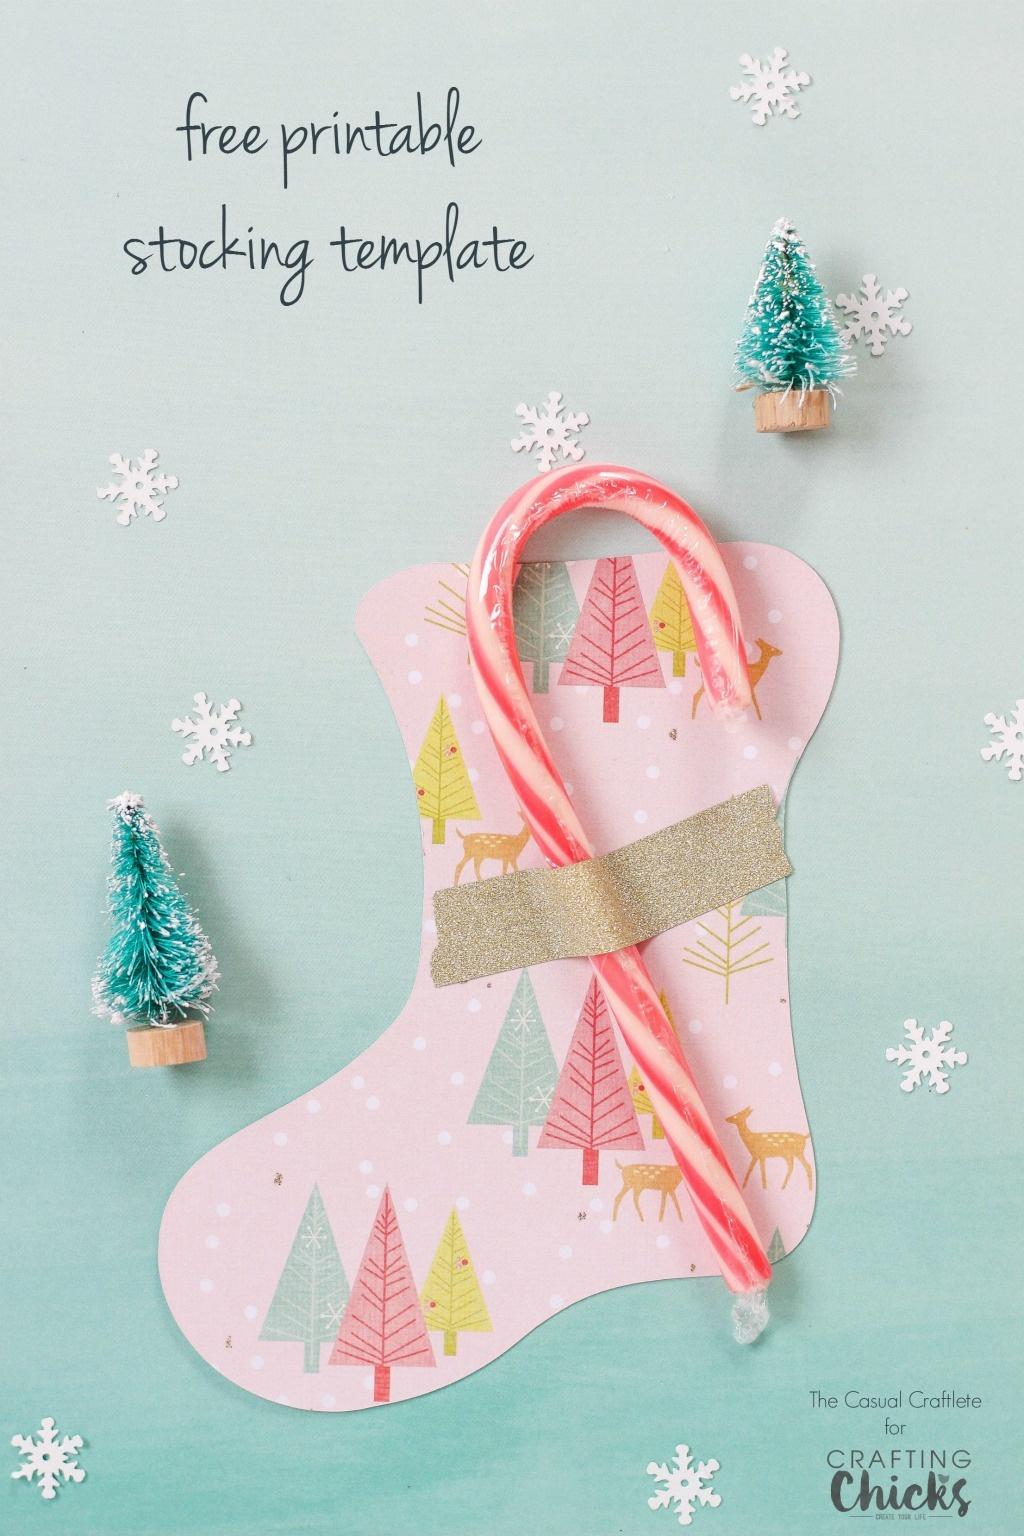 Christmas Stocking Template Printable Free